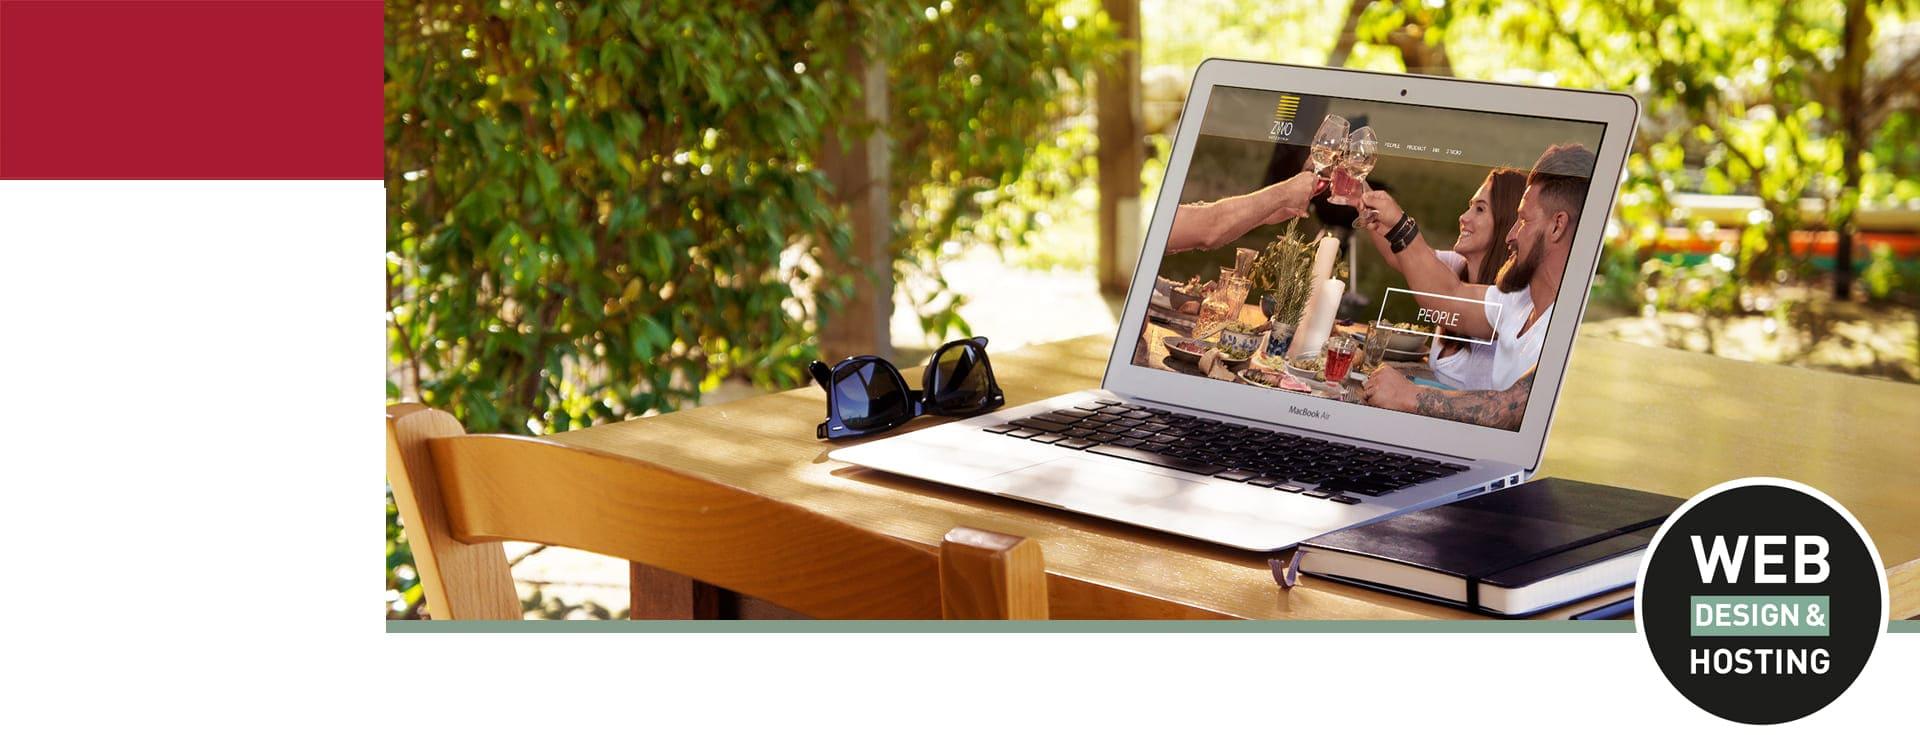 Website Optimierung für Desktop und Mobil überprüfen Website Bielefeld